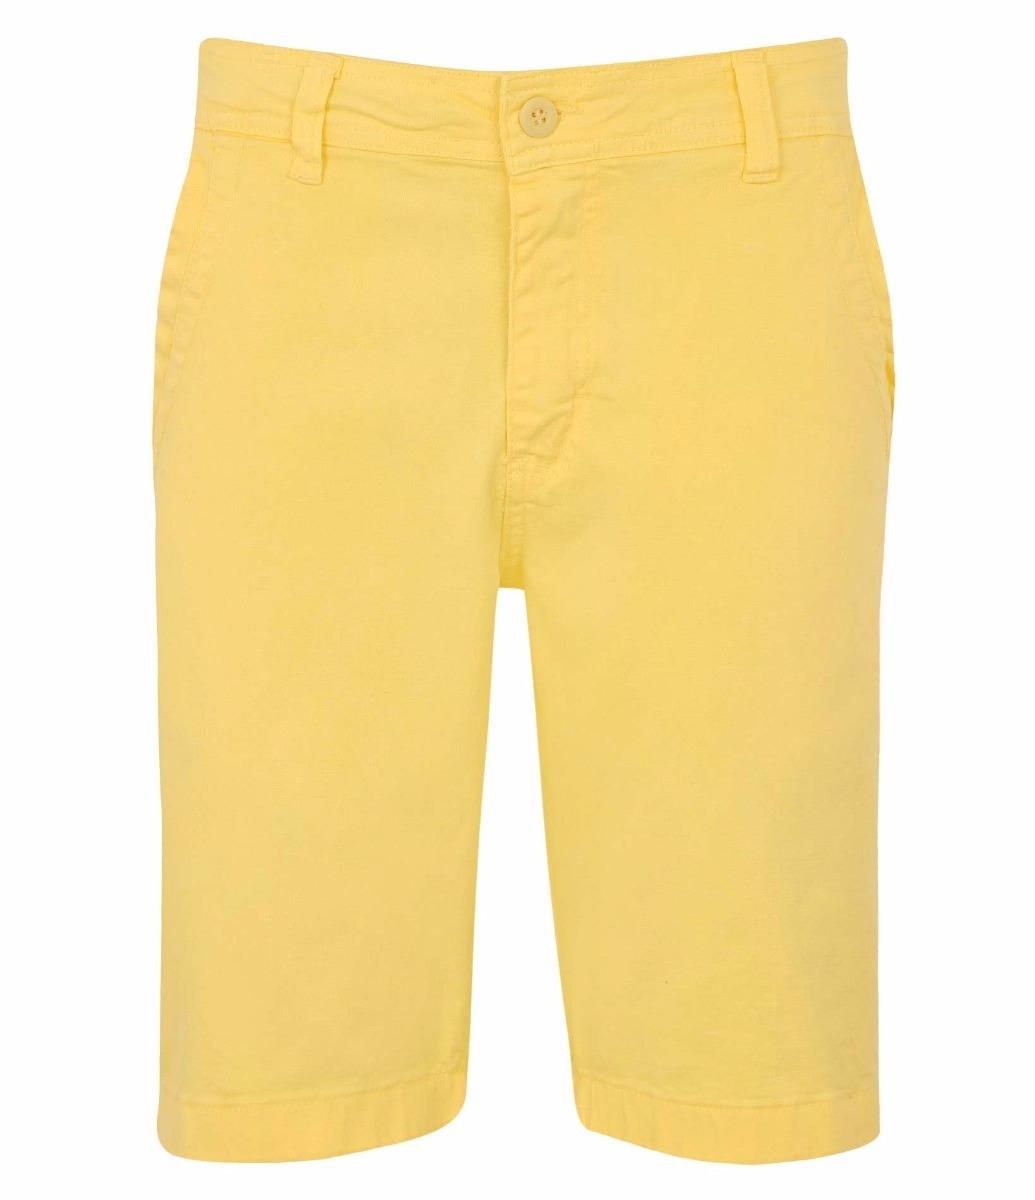 652fd5530 Bermuda Masculina Em Sarja Amarela, Jeans - R$ 29,90 em Mercado Livre